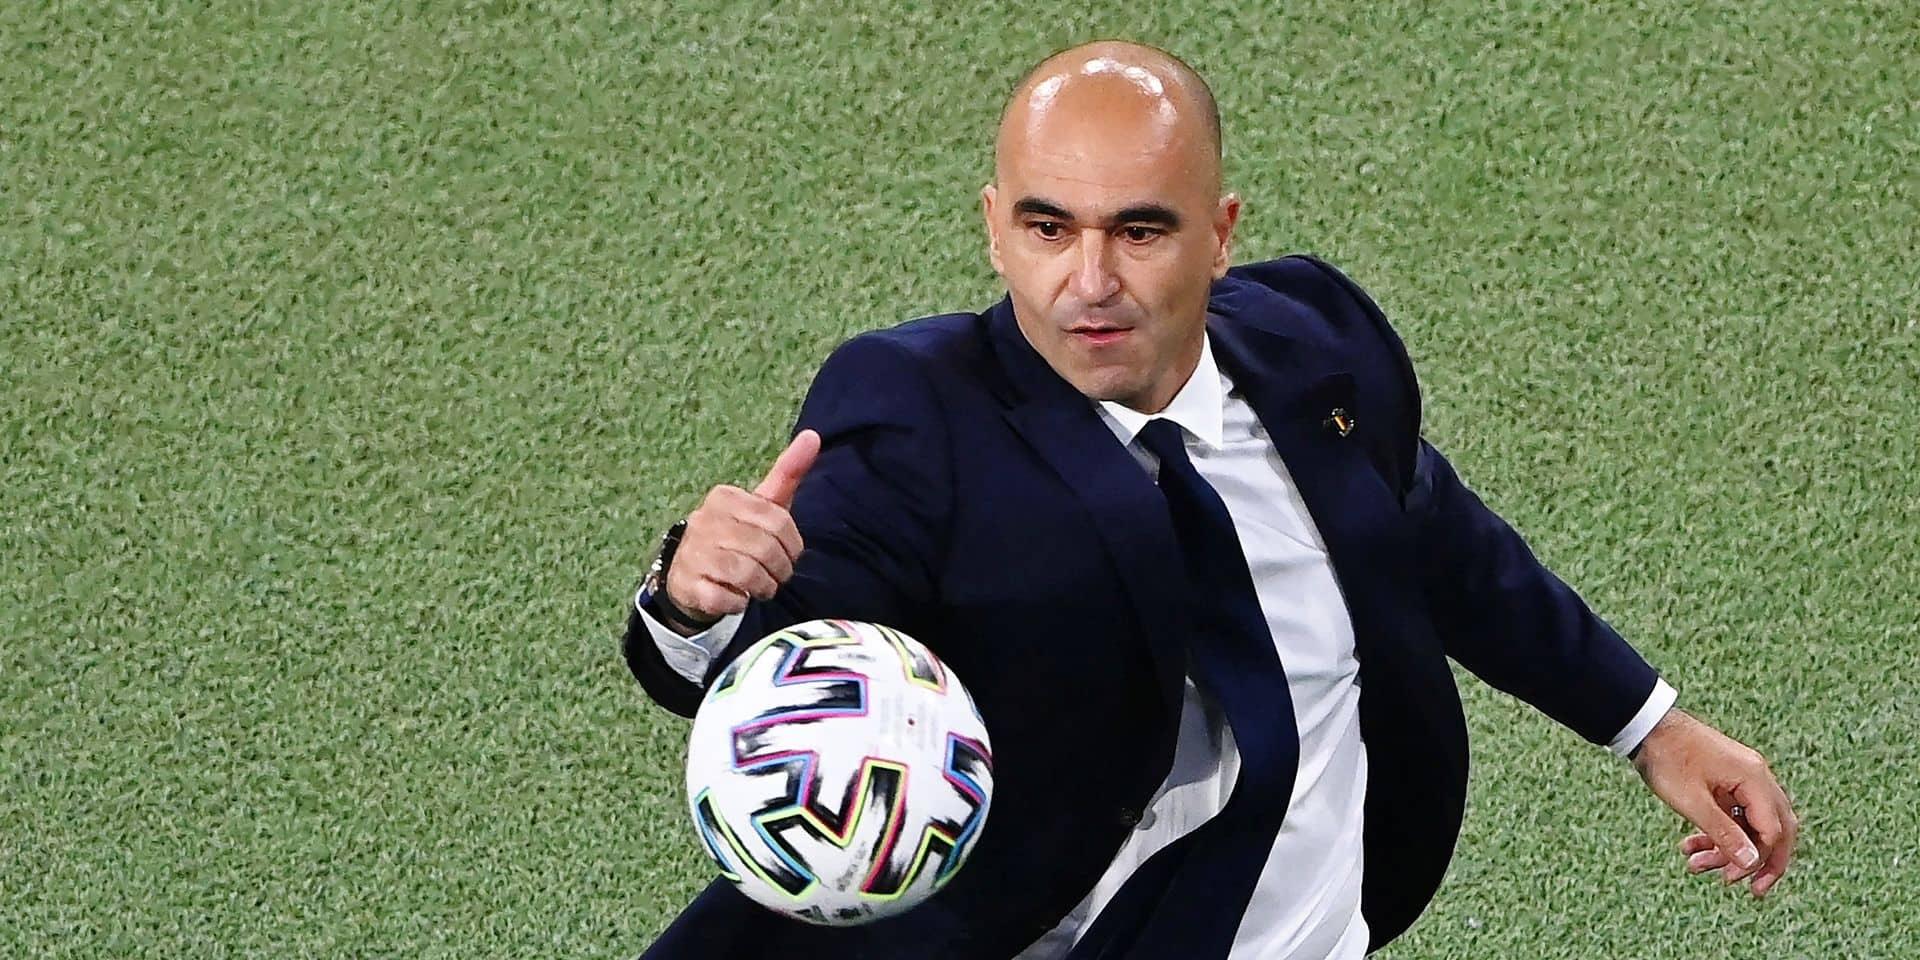 """Martinez est déjà concentré sur les prochaines échéances: """"Au Qatar, il n'y aura pas de nation avantagée"""""""